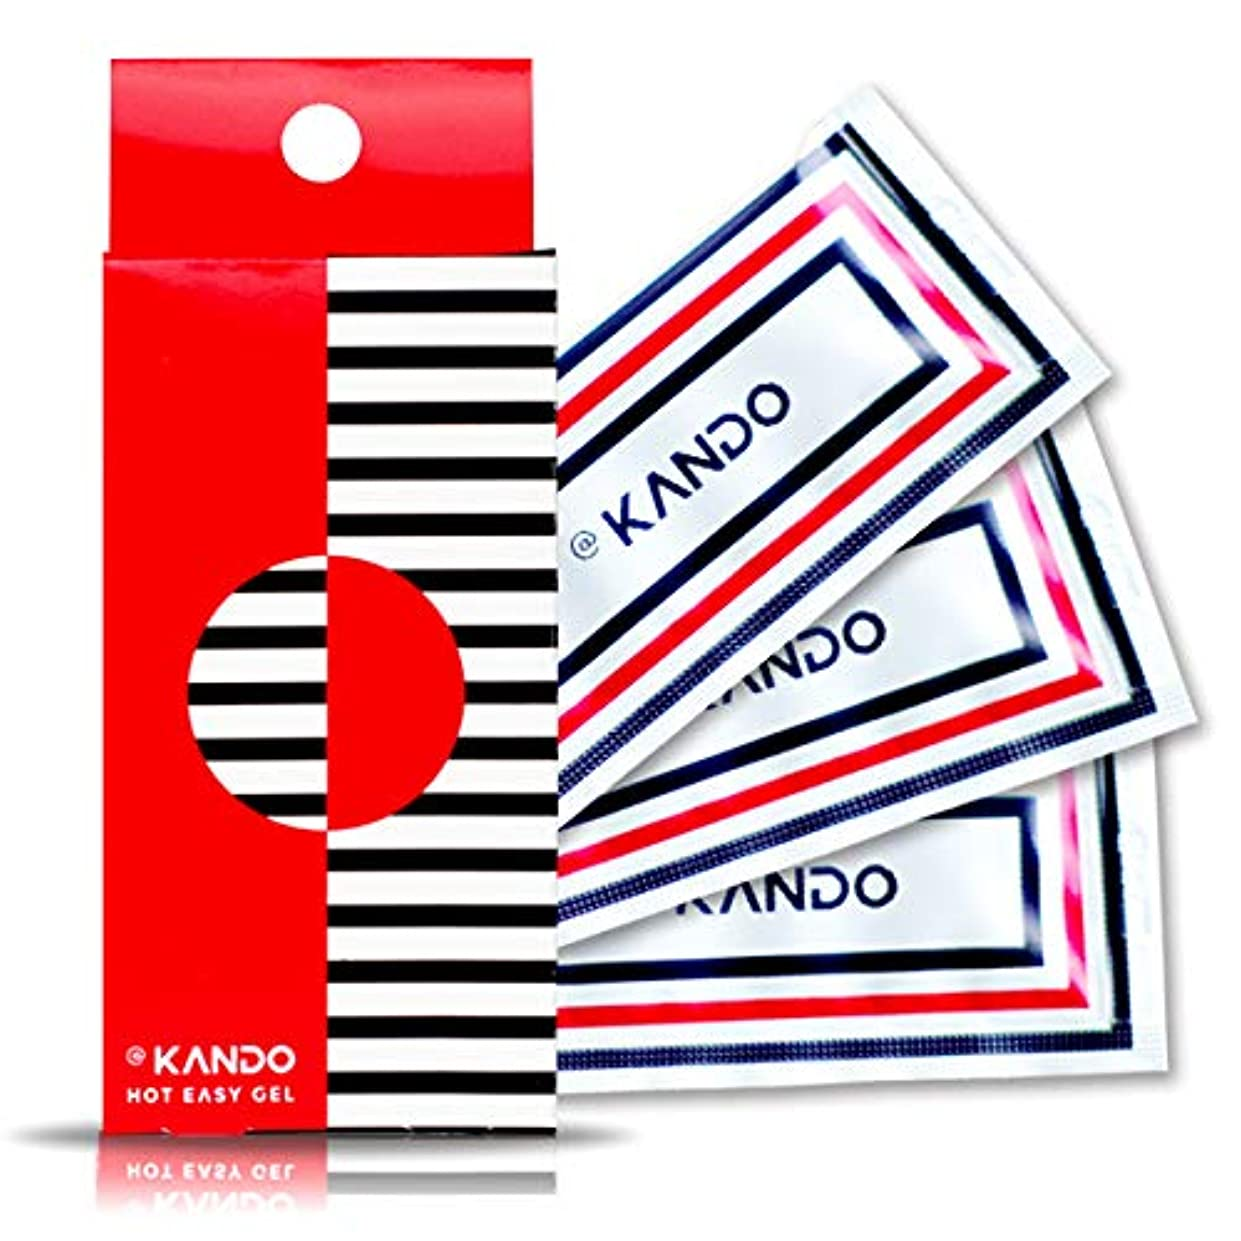 一人でプラスチックウィスキー@KANDO アットカンドホットイージージェル(ボディマッサージジェル)5g×3包入 温感タイプ